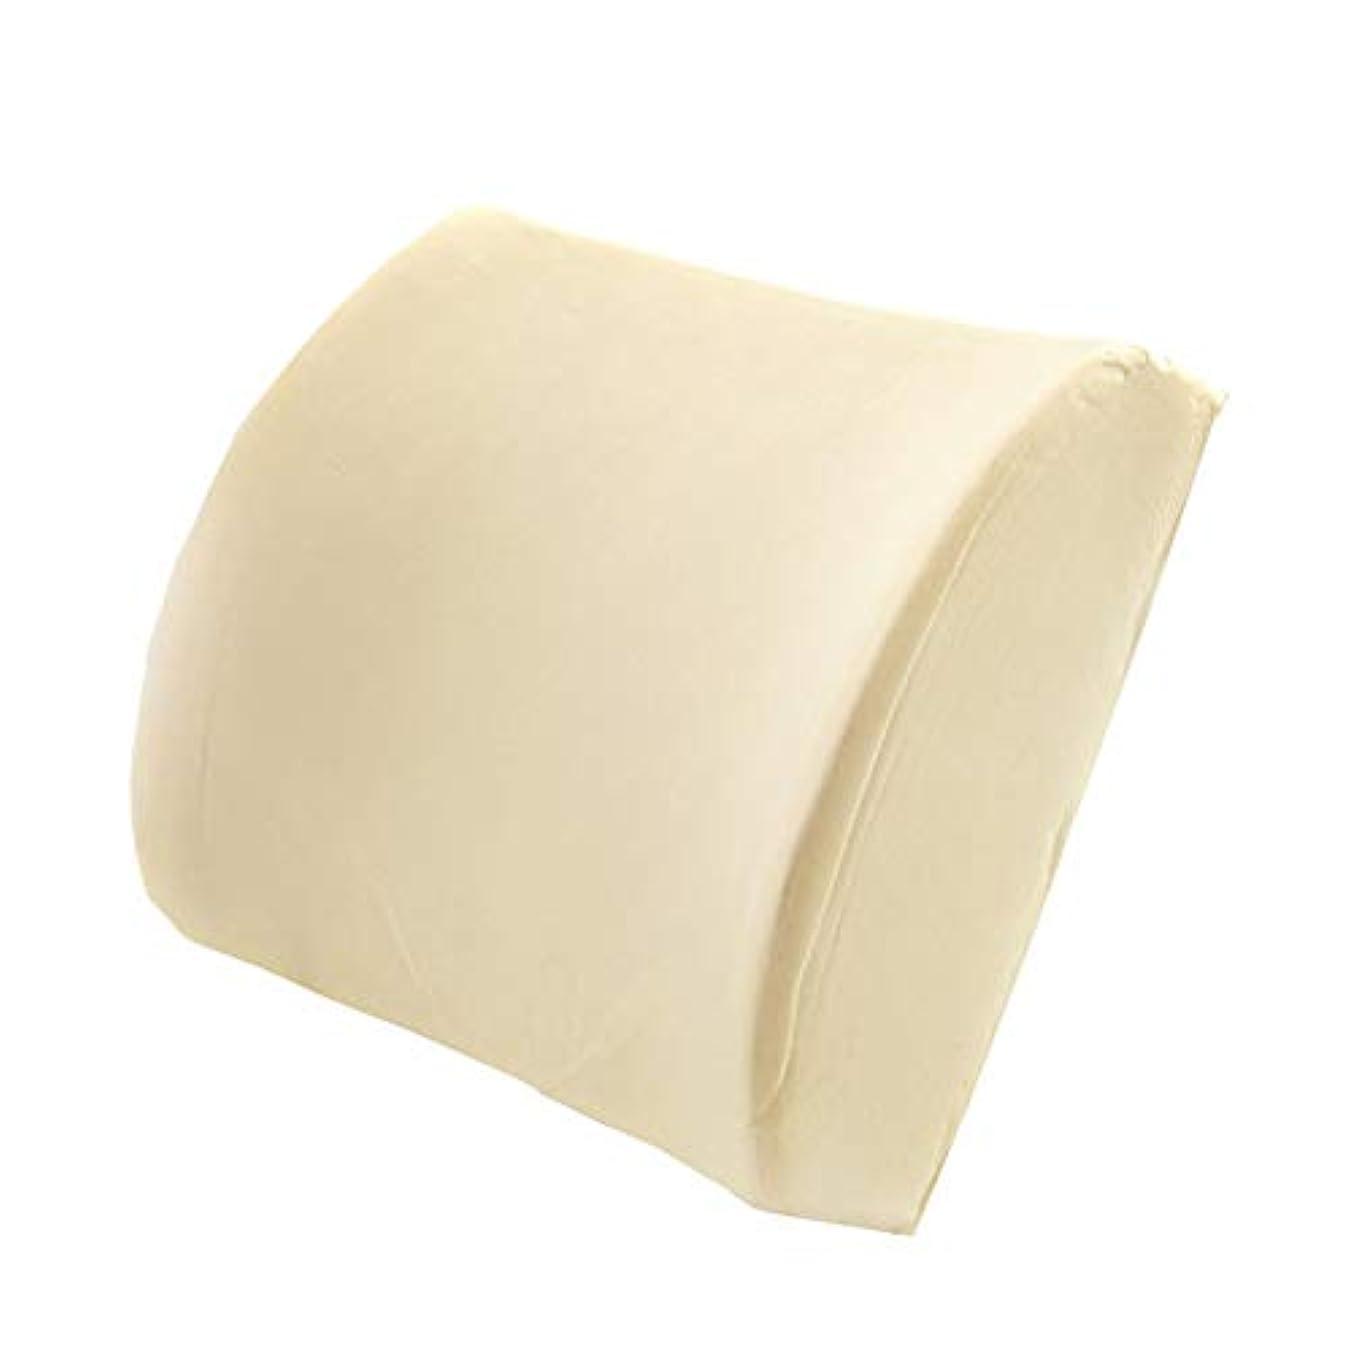 写真の尋ねるスキルサポート腰椎枕スペースメモリ綿腰椎腰肥厚オフィスクッションカーウエスト枕